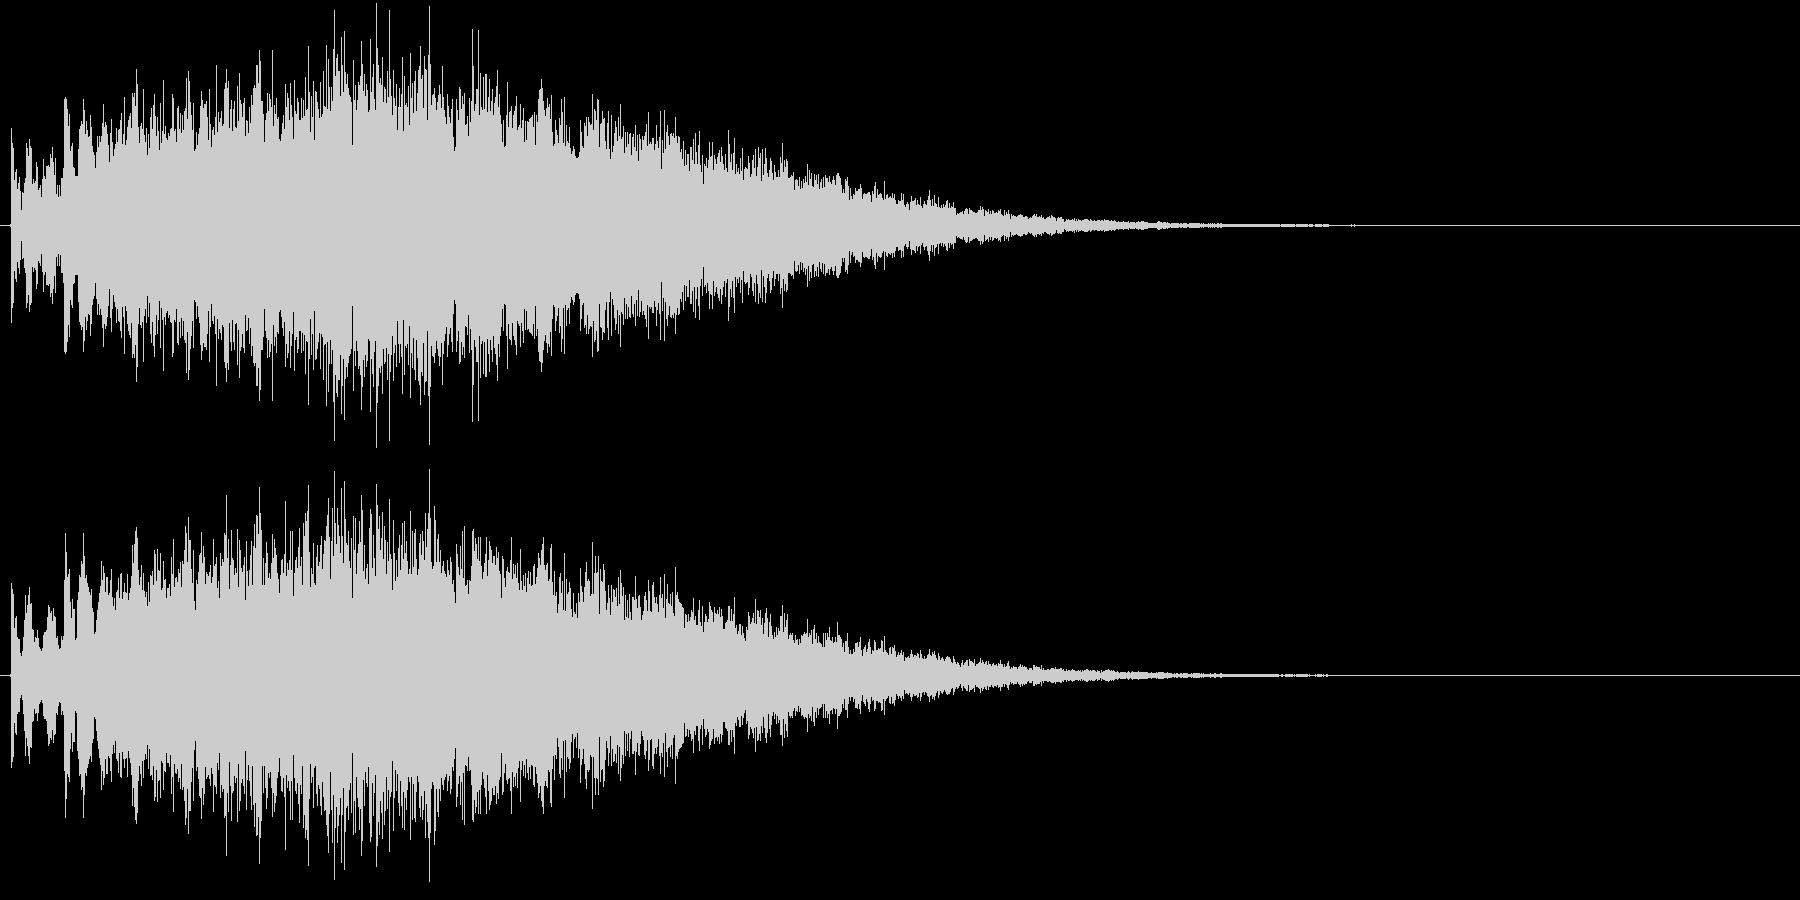 ピュルル…(流れ星、かわいい、キラキラ)の未再生の波形